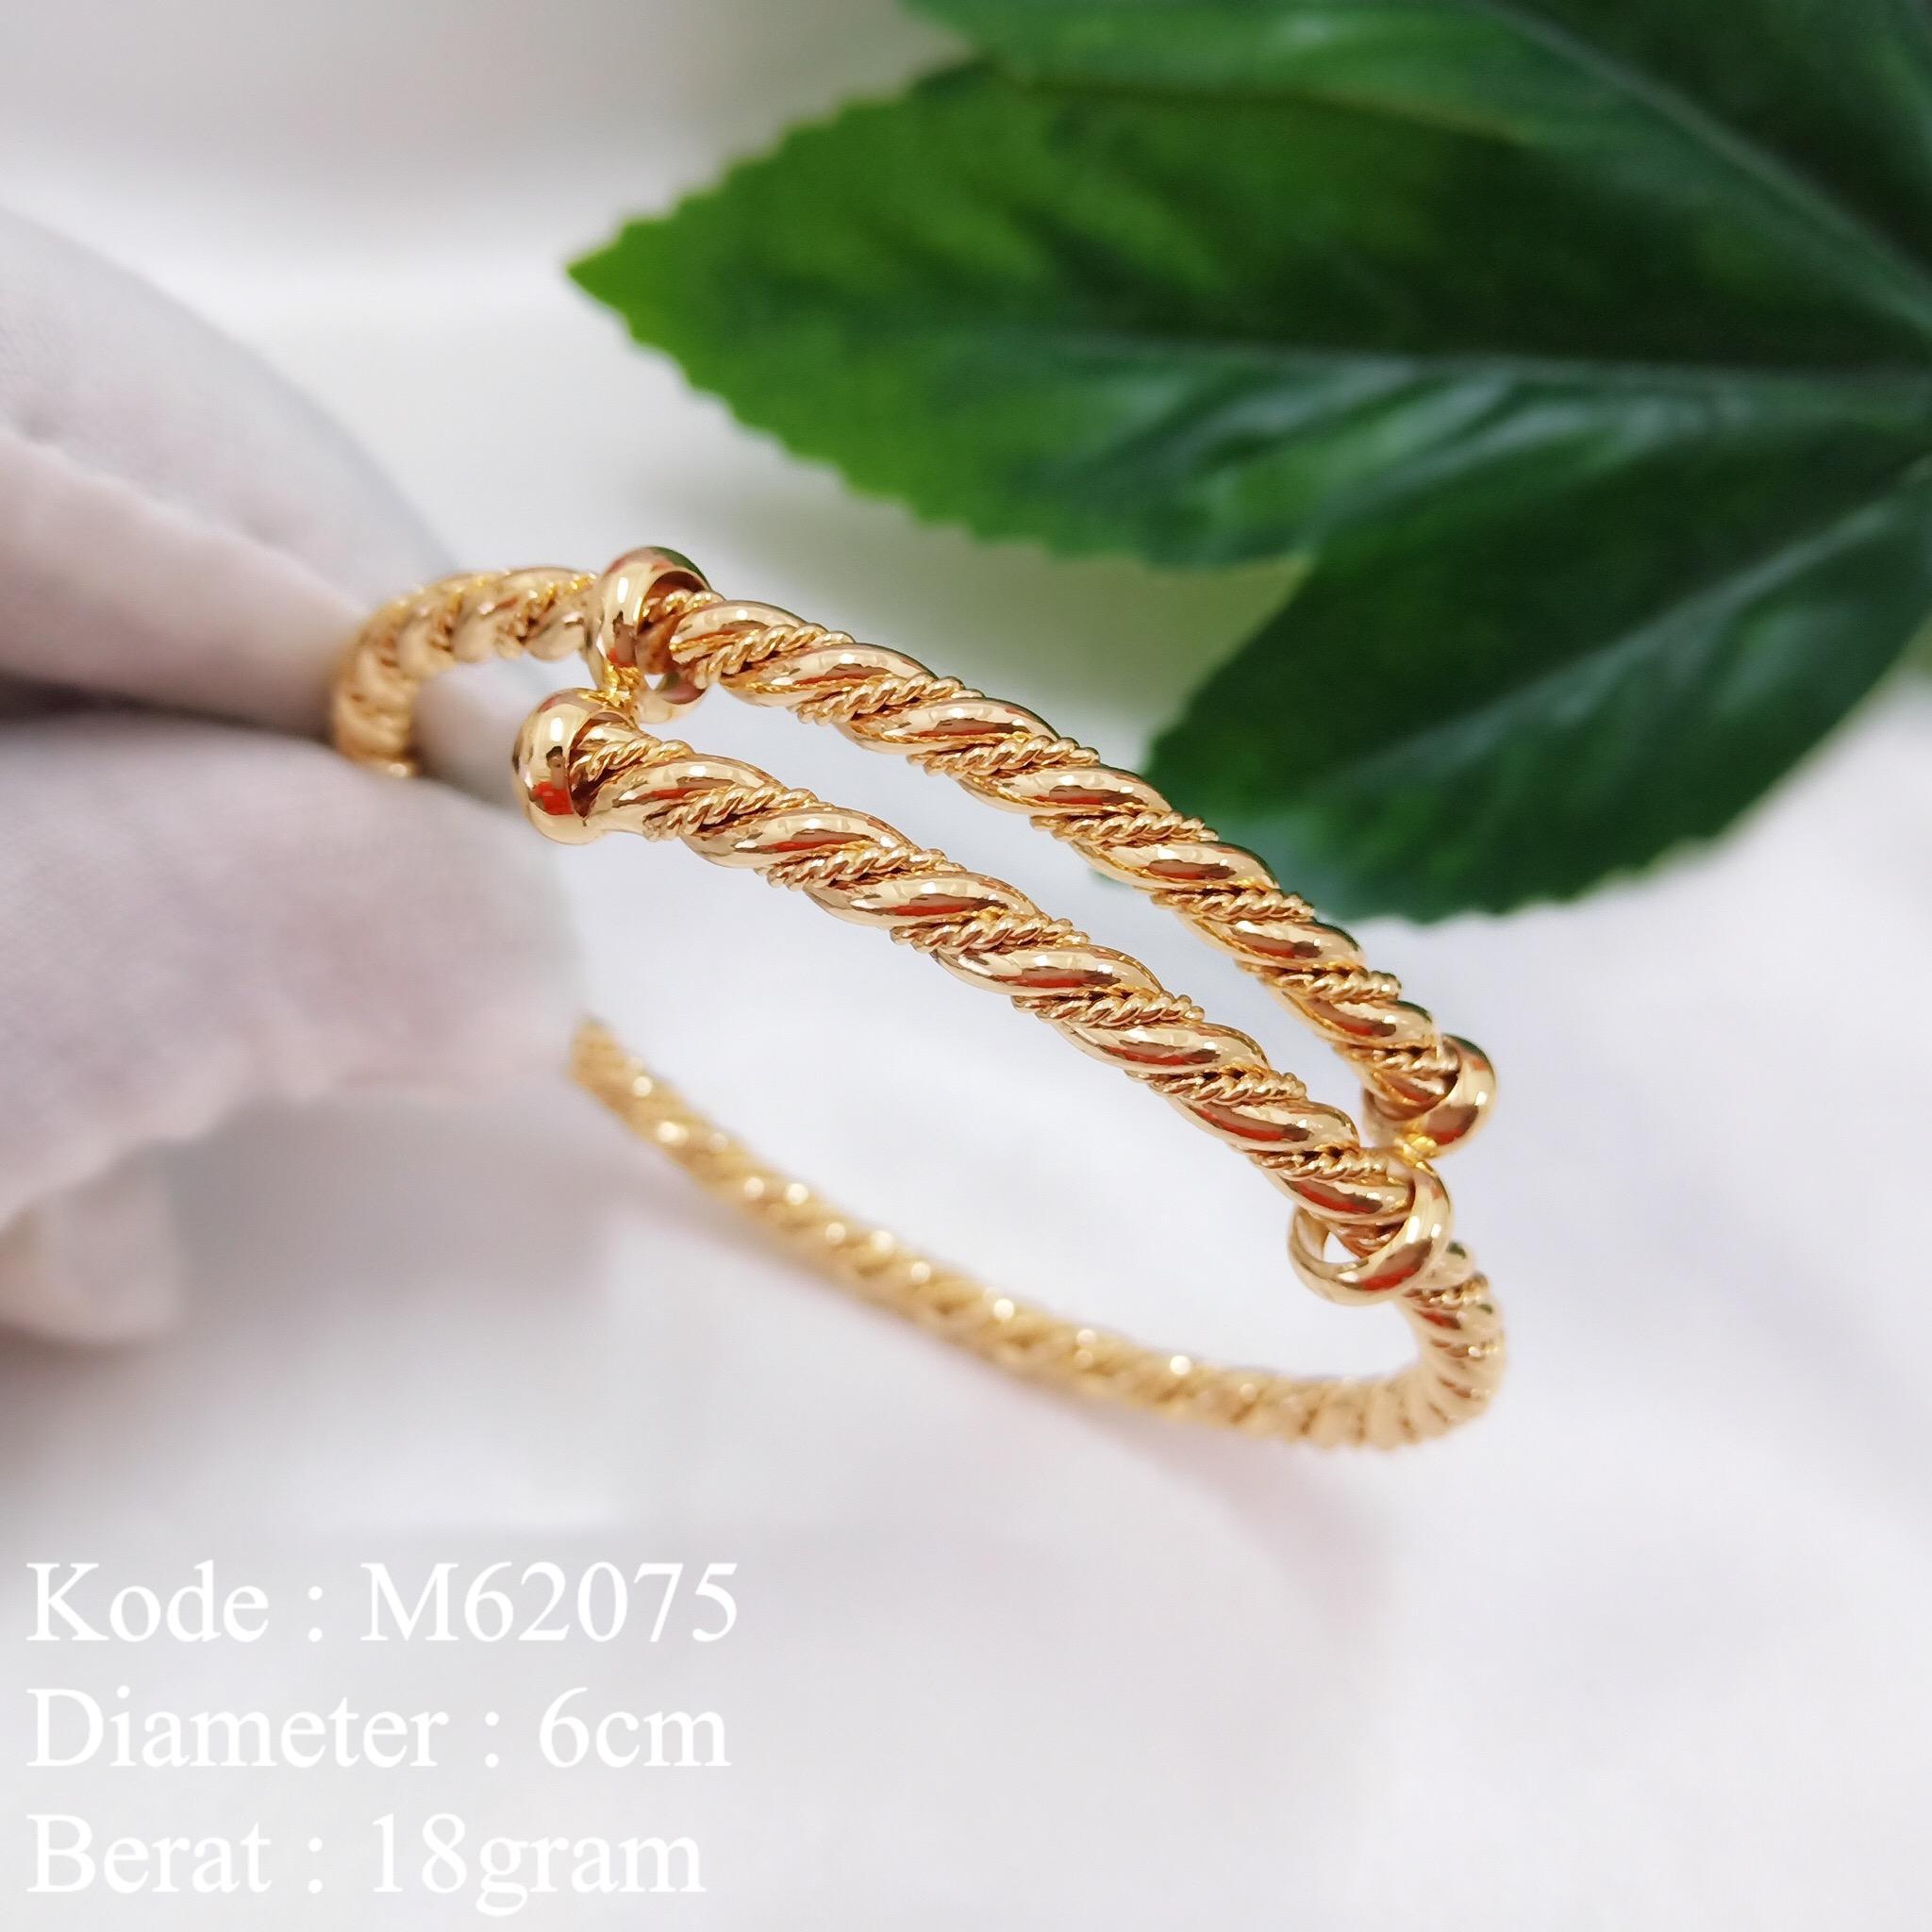 Gelang Tangan Bulat Lapis Emas Motif Tarik Missi fashion Jewelry